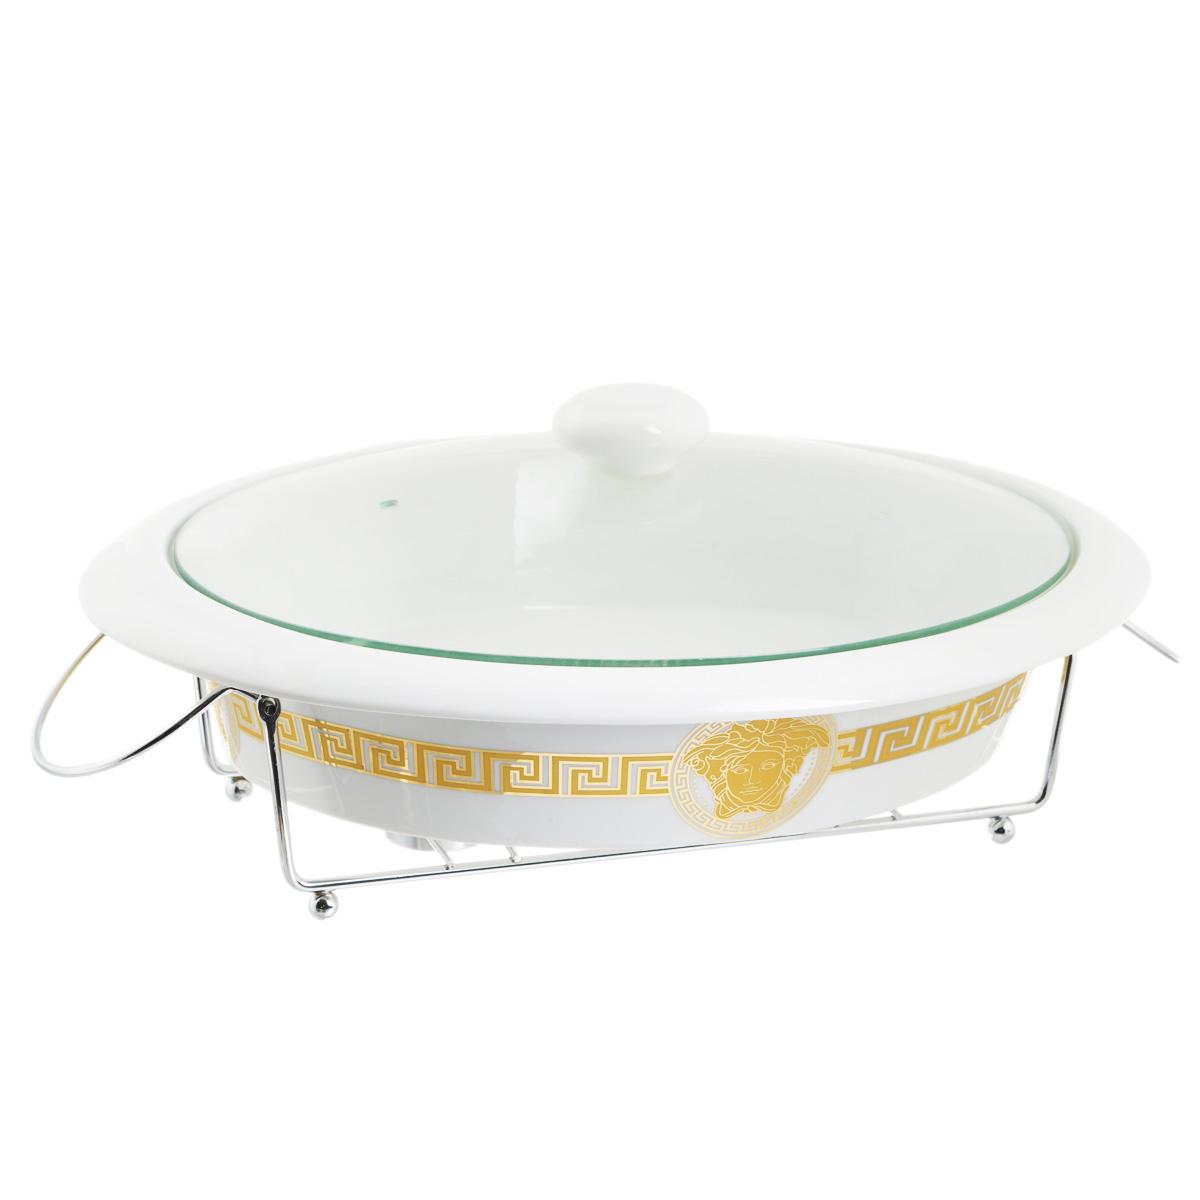 Супница Mayer & Boch с крышкой, на подставке, 2,3 л. 24219VT-1520(SR)Супница Mayer & Boch, изготовленная из жаропрочной керамики, подходит для любого вида пищи. Изделие декорировано оригинальным орнаментом. В комплект входит стеклянная крышка и металлическая подставка с местом для 2 свечей.Изделие идеально подходит для приготовления пищи, разогрева блюд и подачи на стол. Материал не содержит свинца и кадмия. С такой супницей вы всегда сможете порадовать своих близких оригинальным блюдом.Форму можно использовать в духовке и холодильнике. Можно мыть в посудомоечной машине.Размер супницы (с учетом ручек): 38,5 см х 29,5 см.Высота стенок: 7 см.Размер подставки: 33 см х 26 см х 9 см. Объем: 2,3 л.